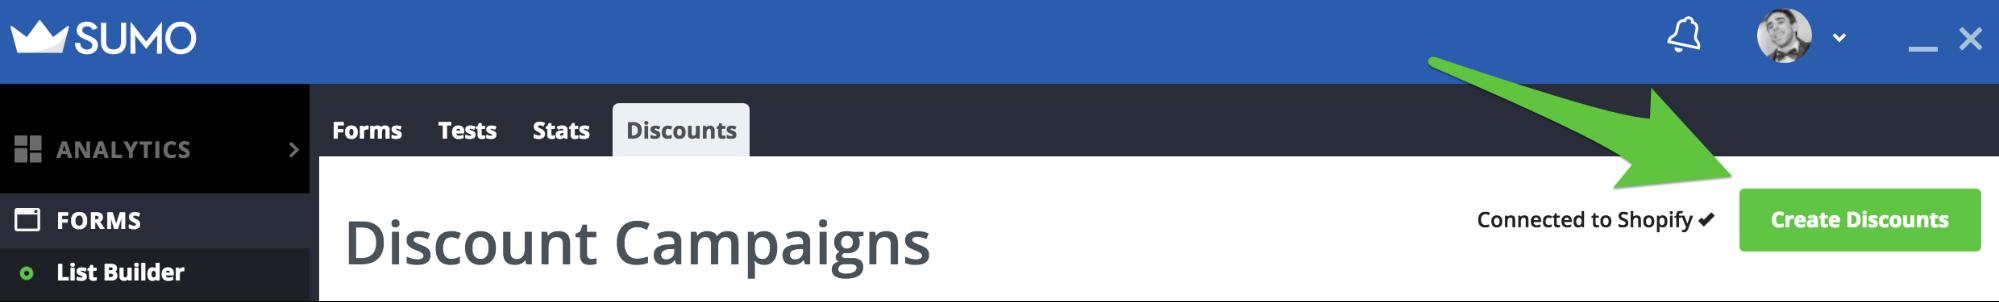 Screenshot showing Sumo new discount button